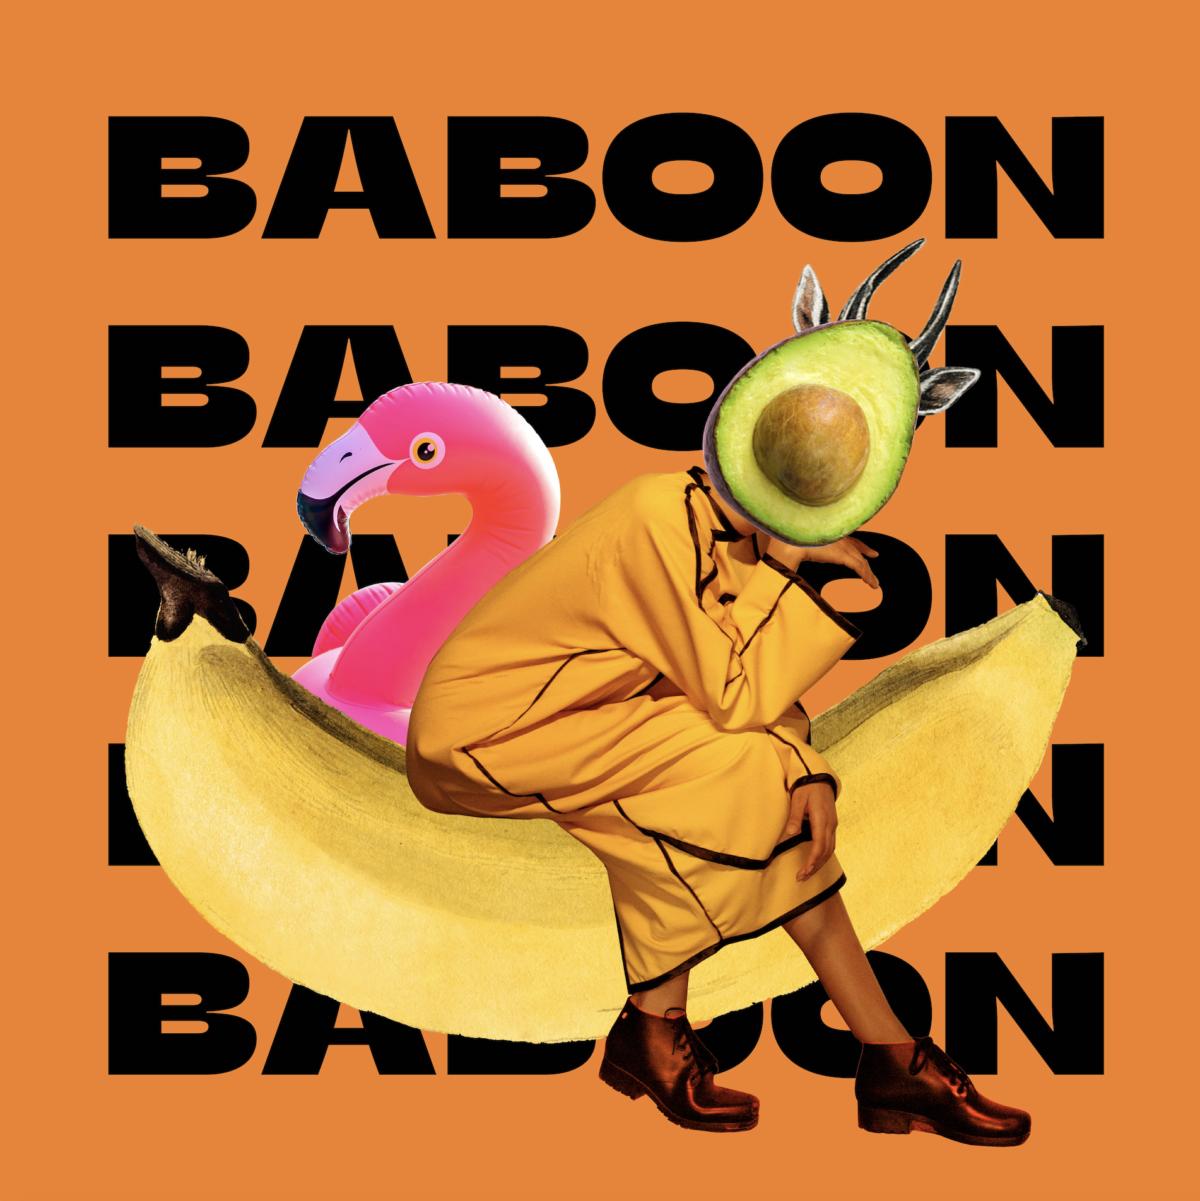 BABOON HEALTHY FOOD IDENTITY